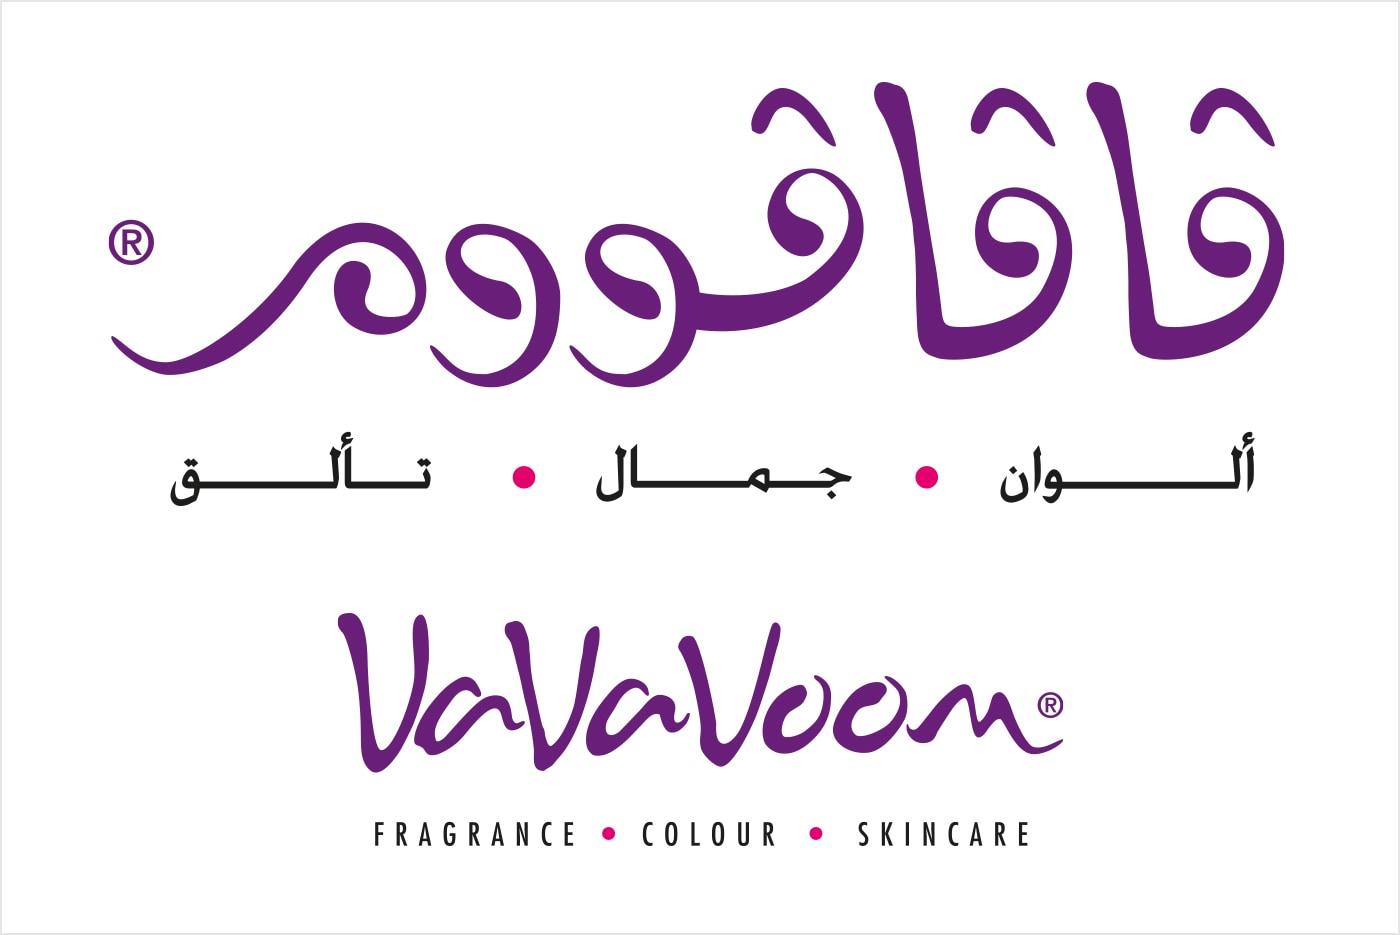 VaVaVoom